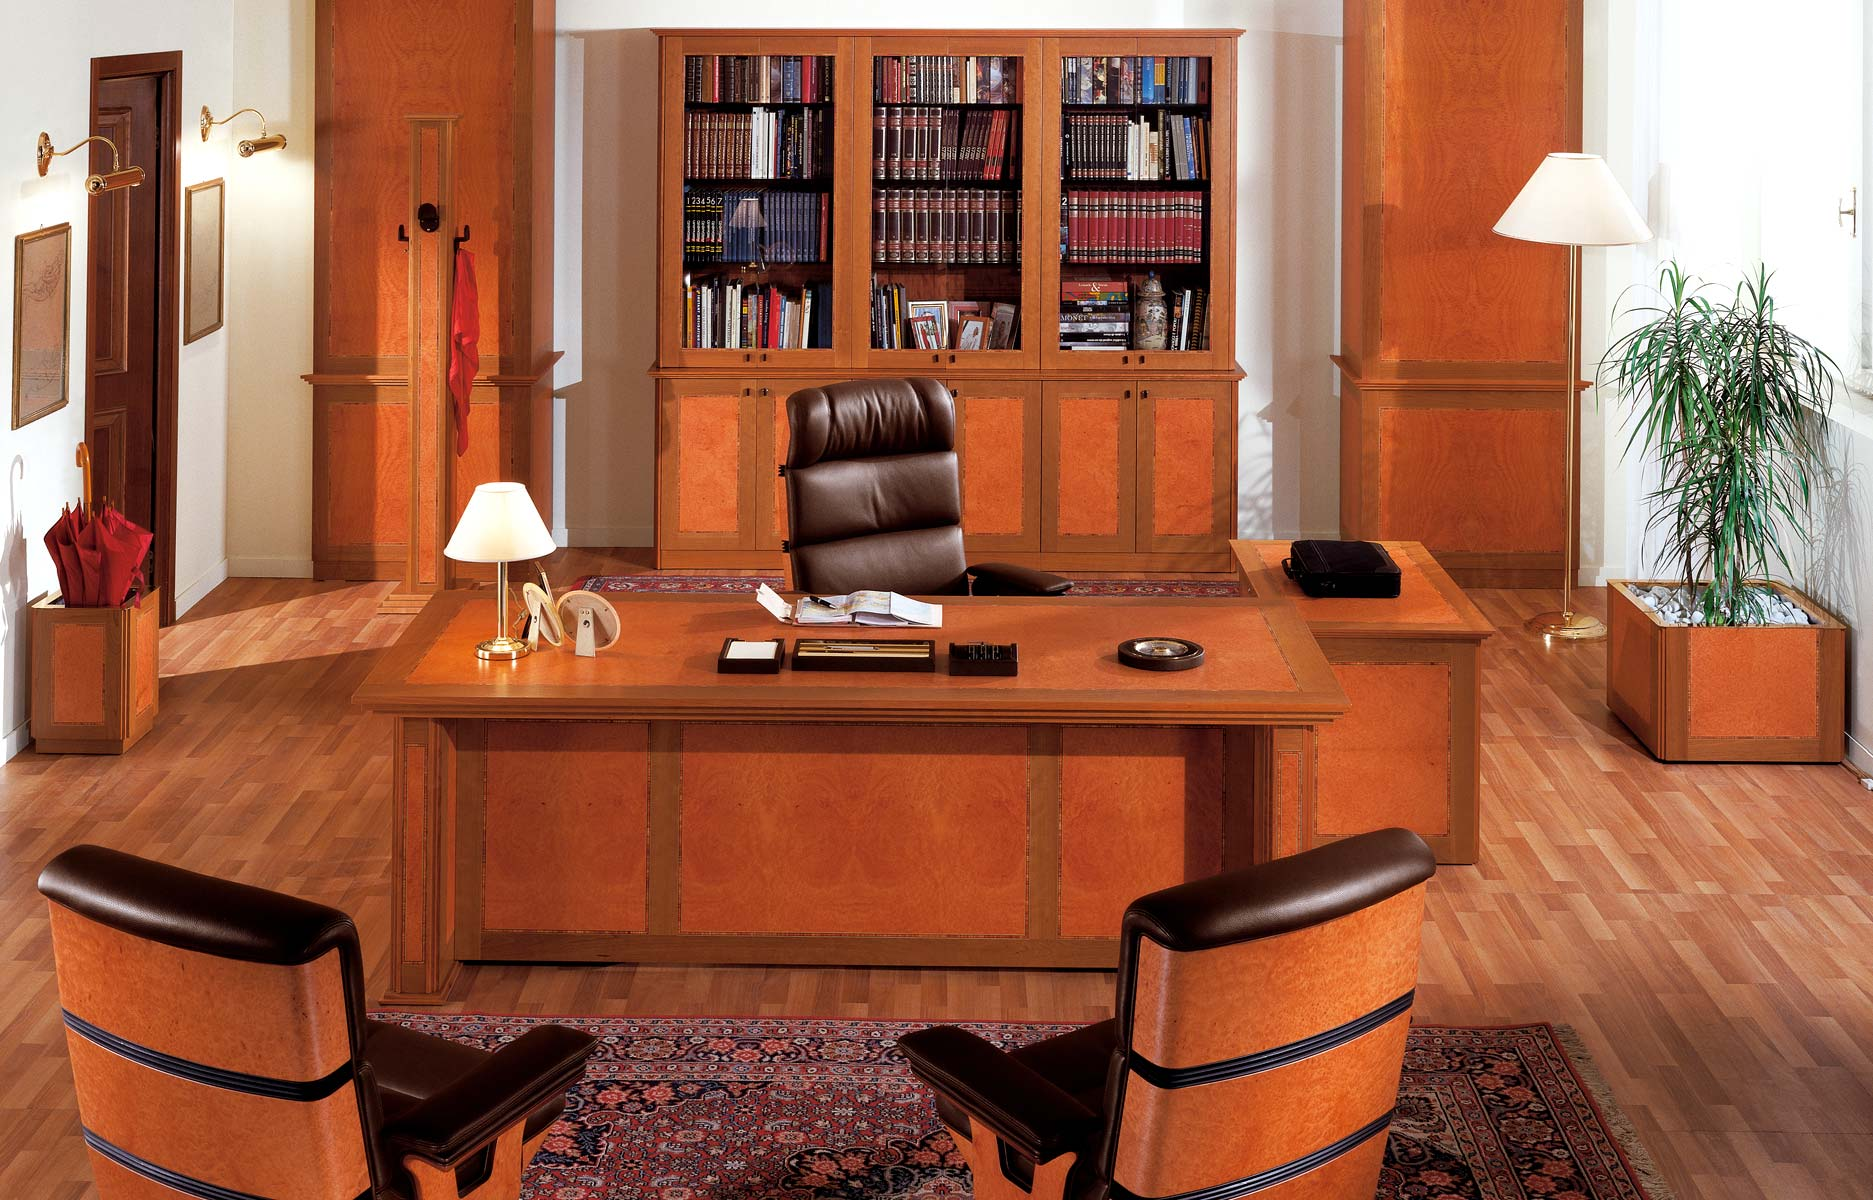 Uffici dirigenziali e presidenziali di lusso r a mobili for Mobili di lusso outlet